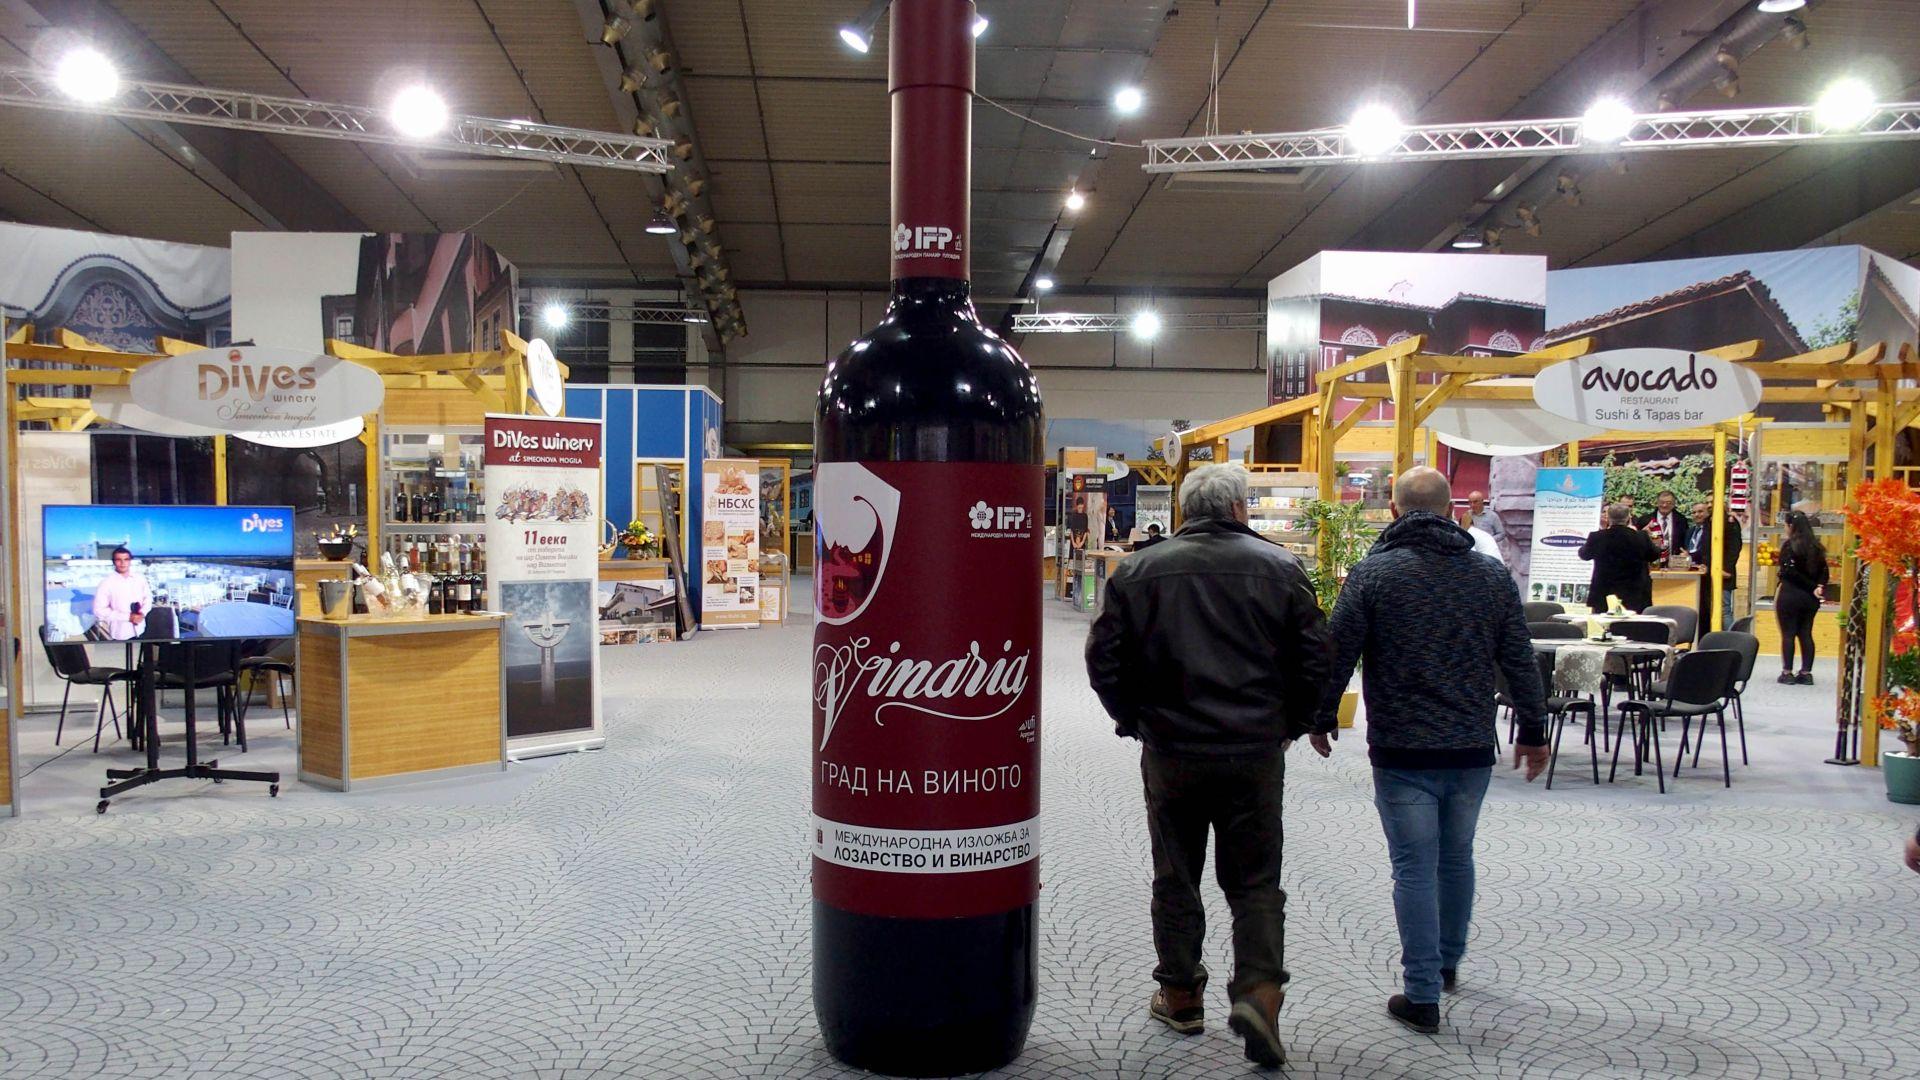 Снимка: Предлагат вино в глинена бутилка в чест на Пловдив'2019